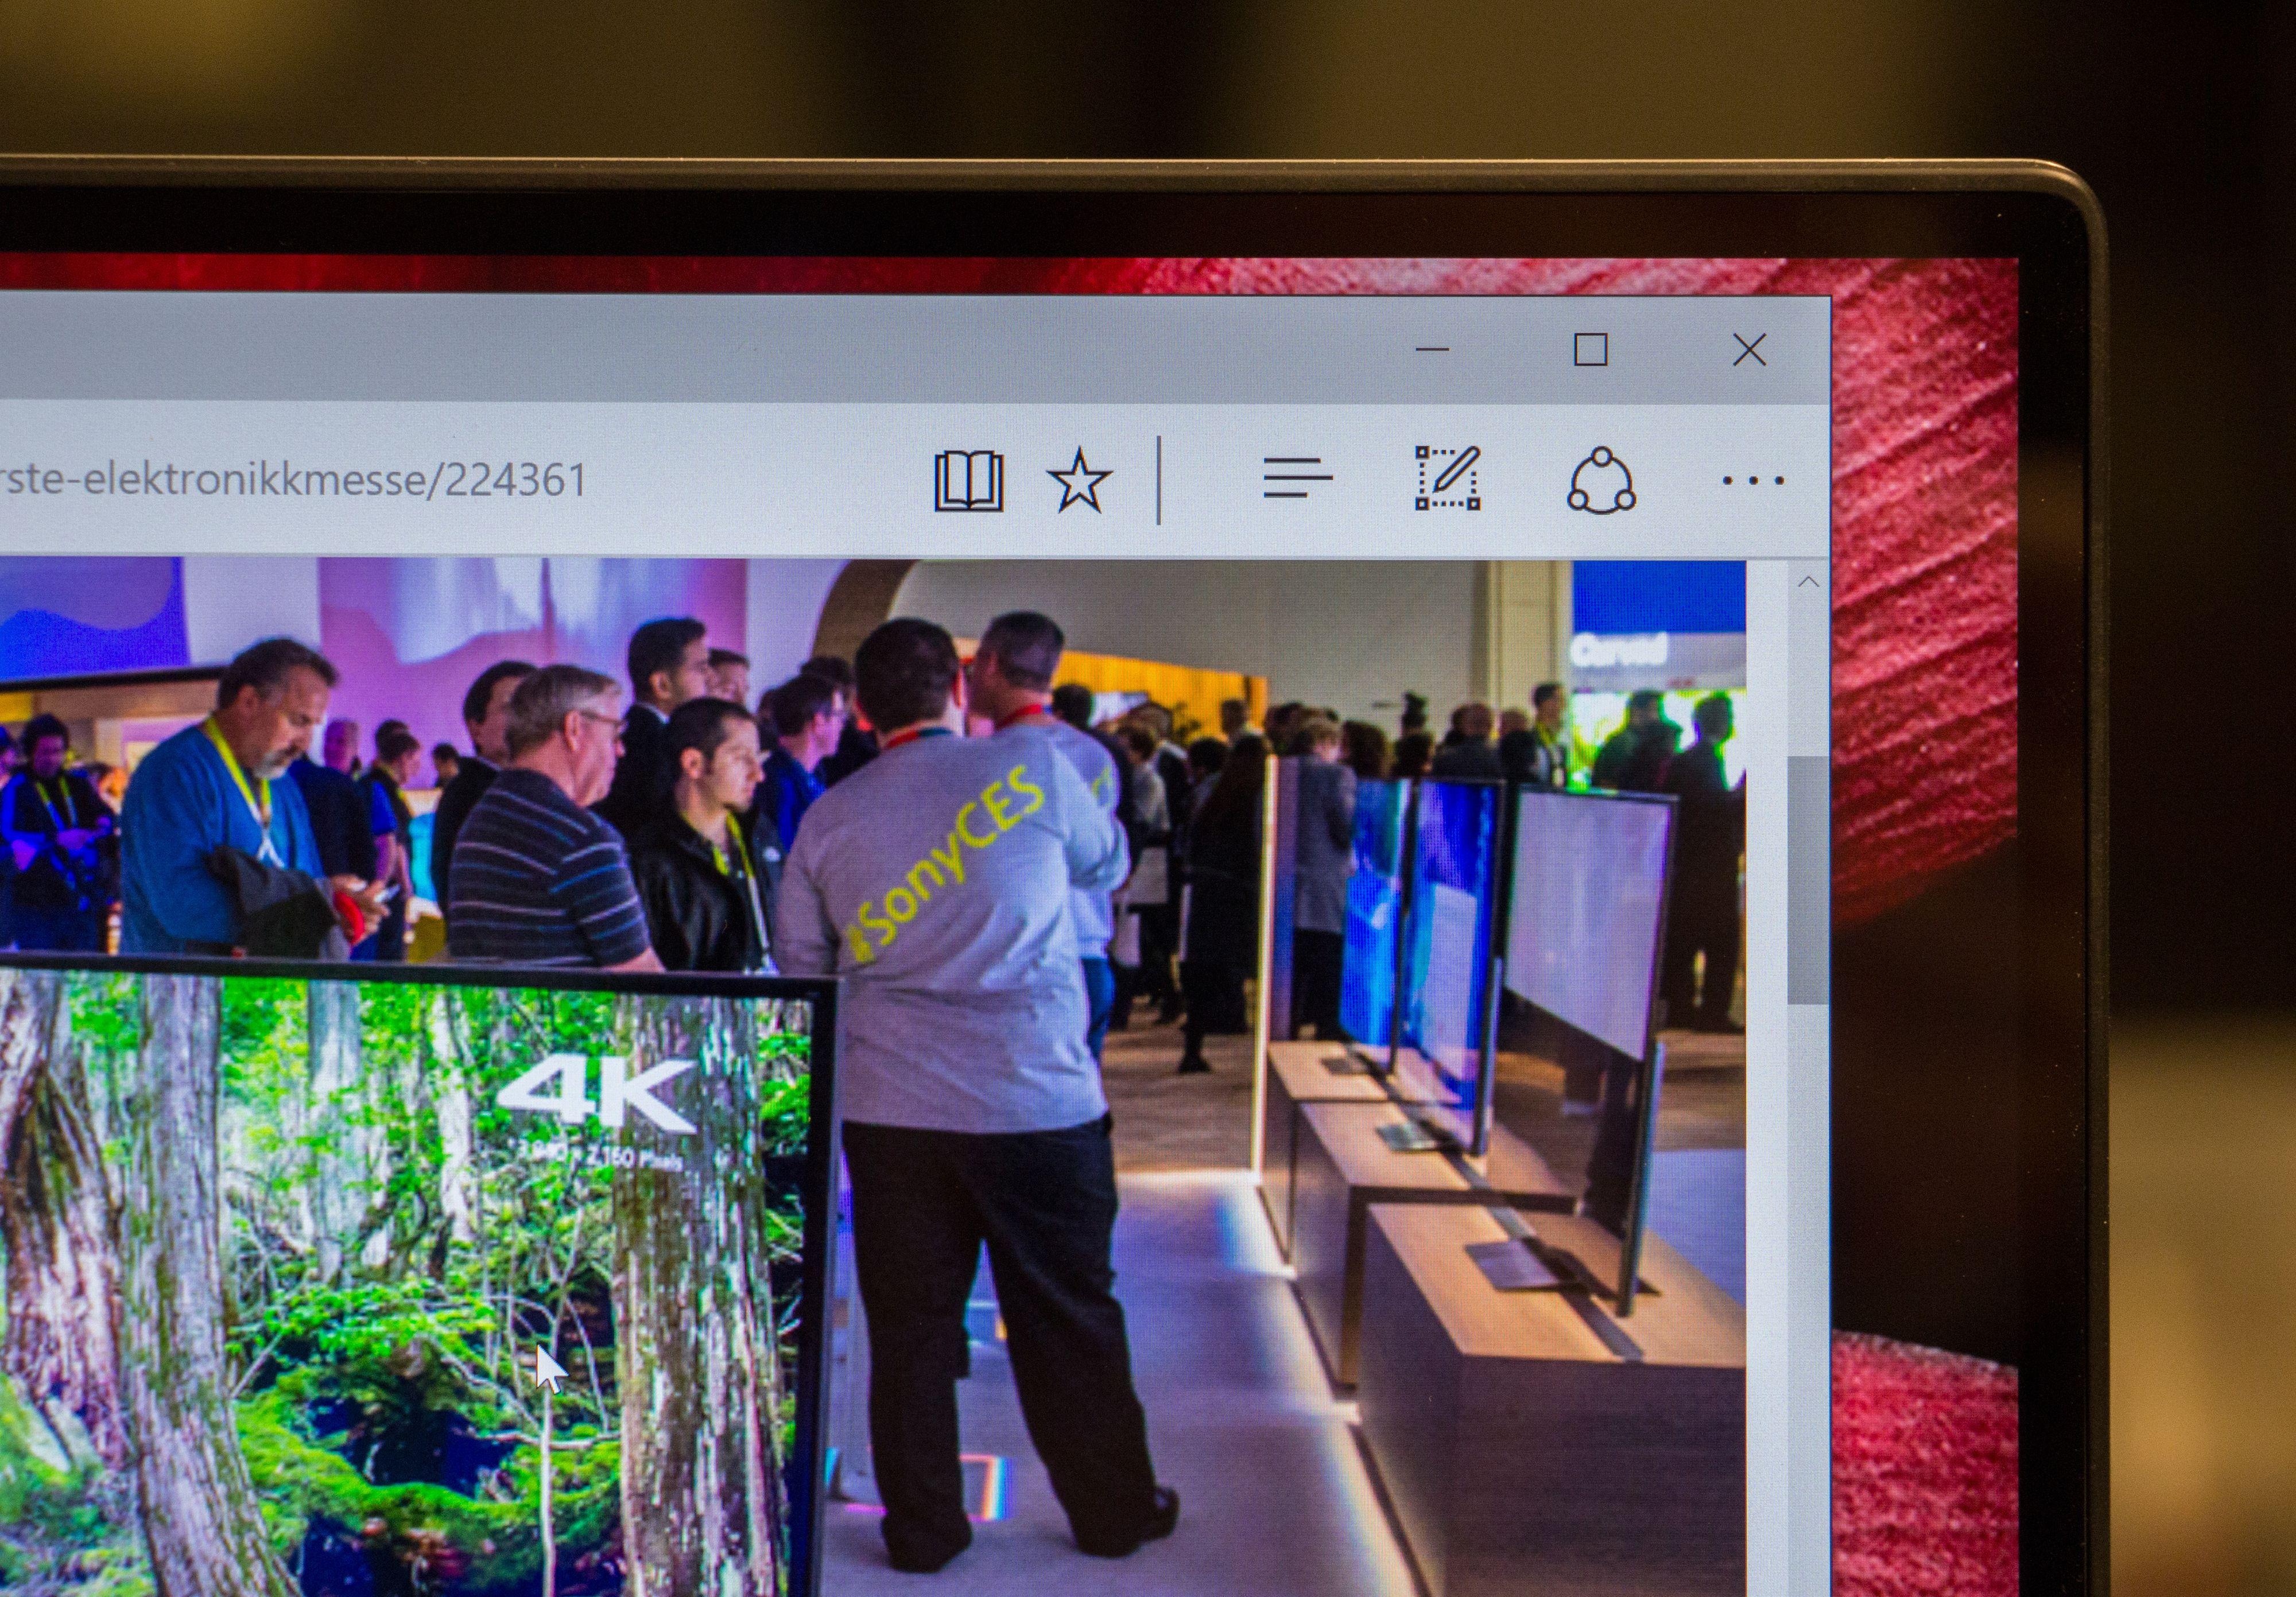 InfinityEdge-skjermen er et imponerende skue. Den tynne skjermrammen får alle andre bærbarskjermer til å virke gamle.